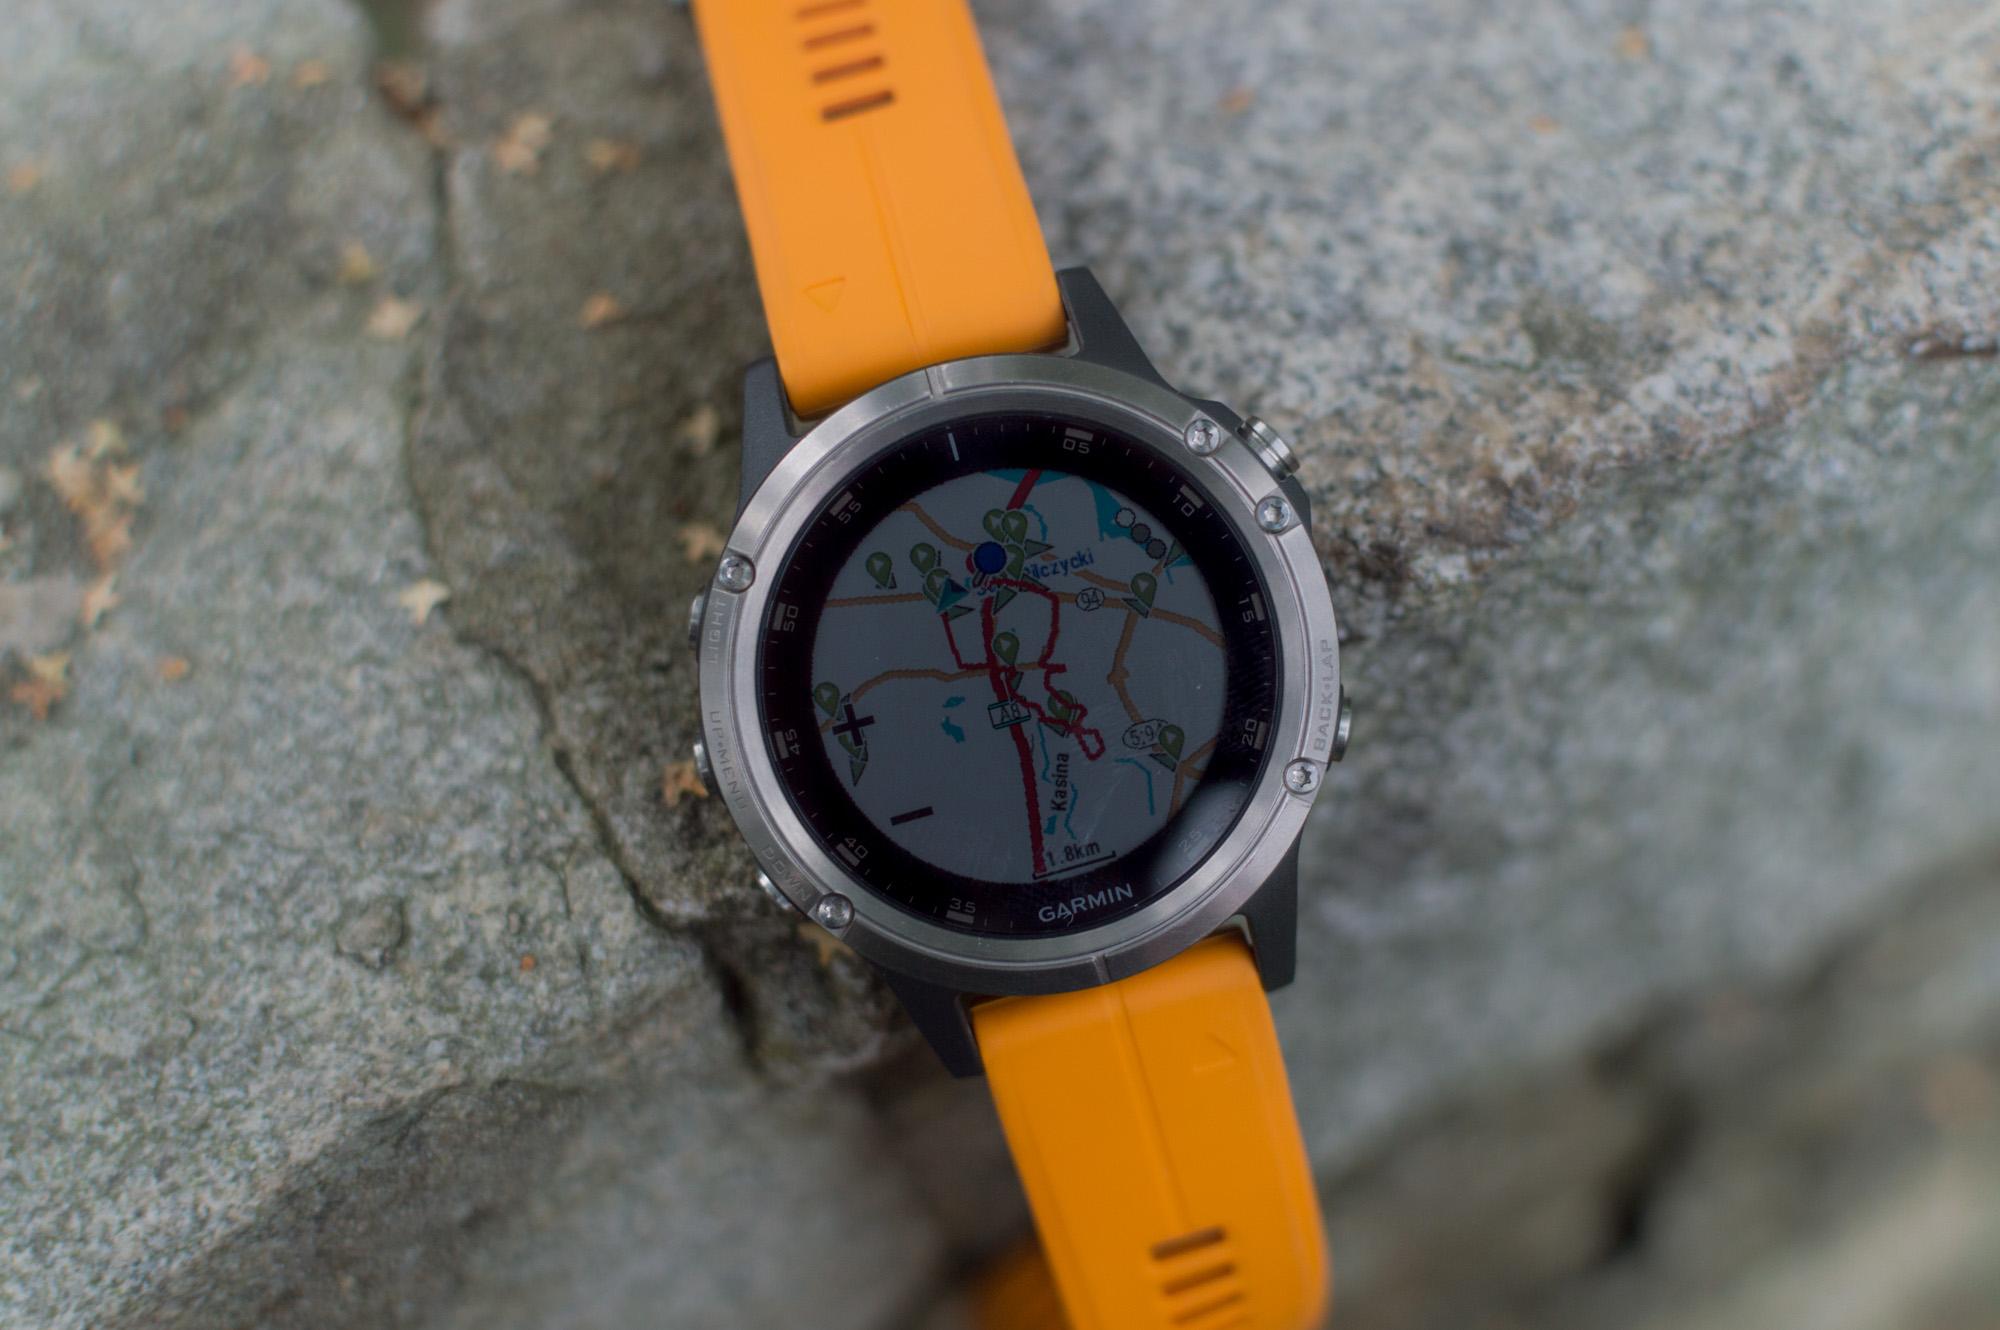 Garmin fenix 5 Plus - mapy w zegarku